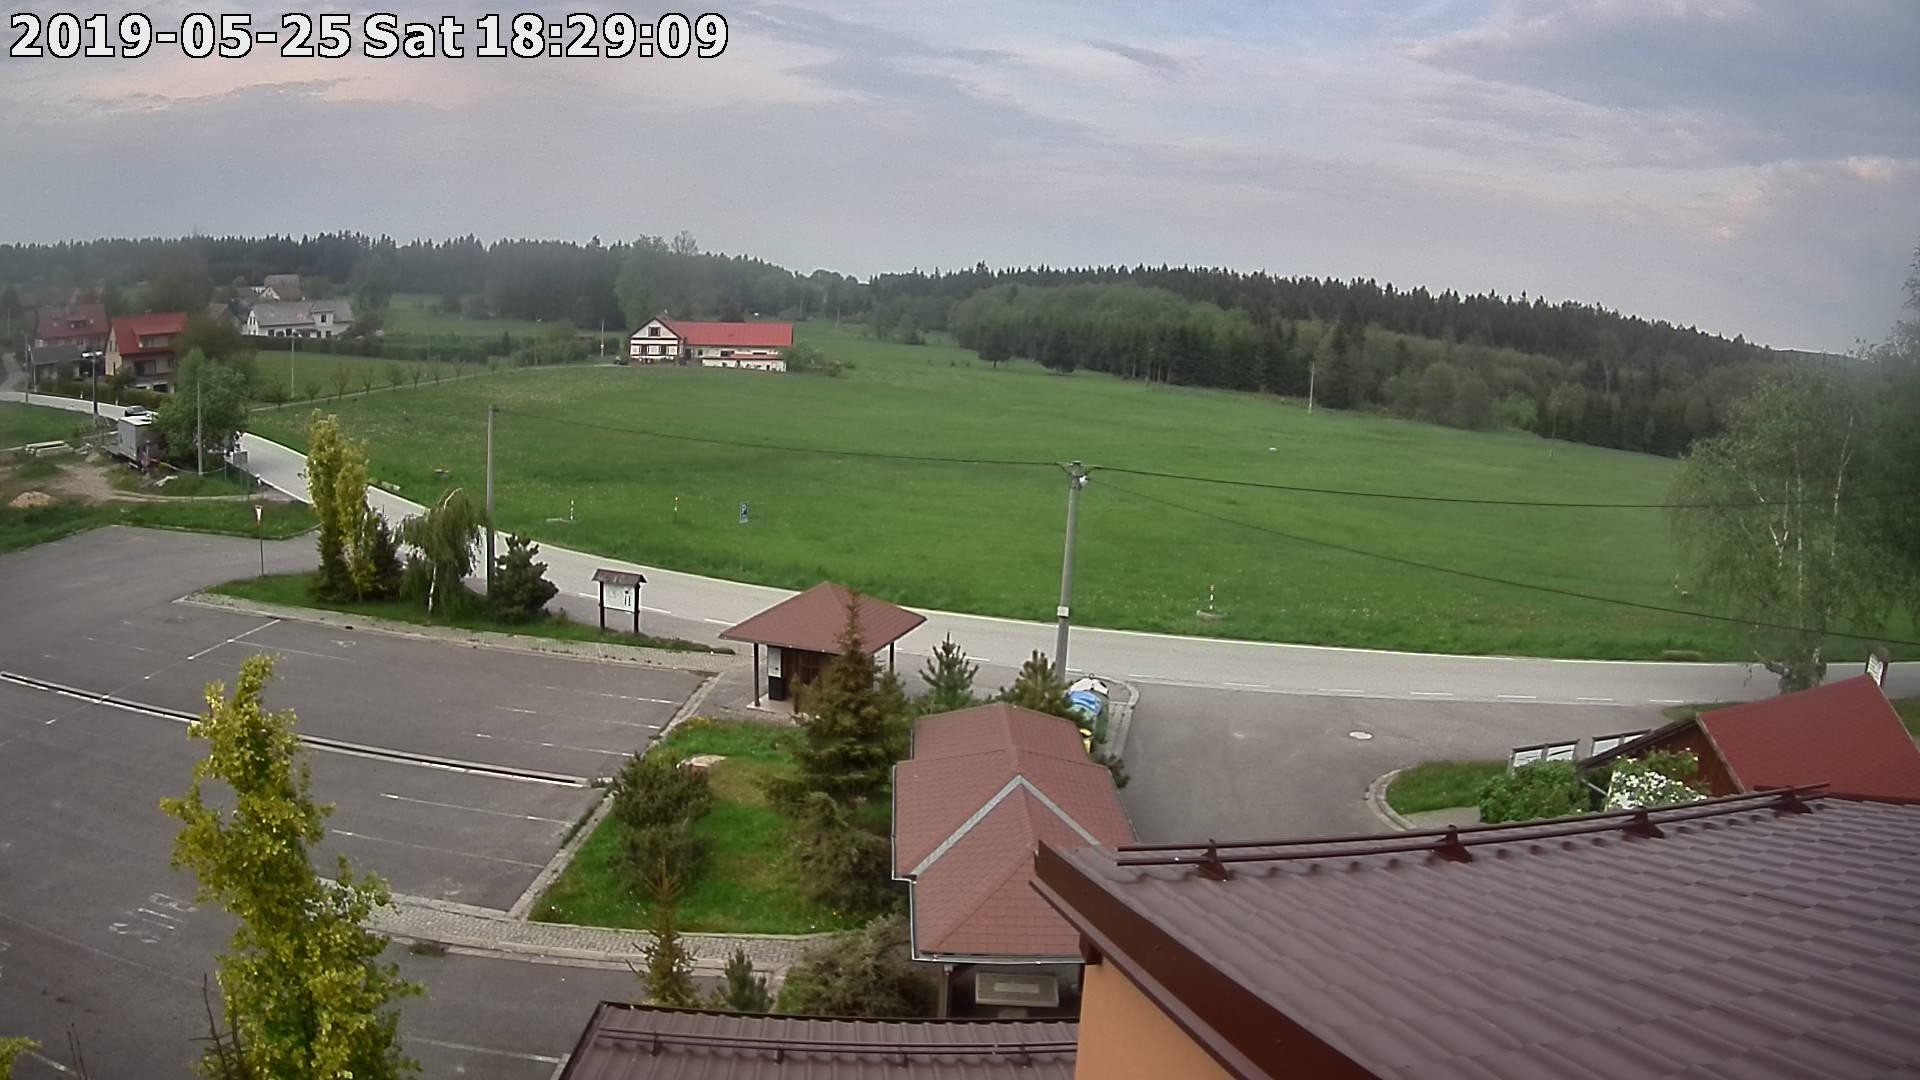 Webkamera ze dne 2019-05-25